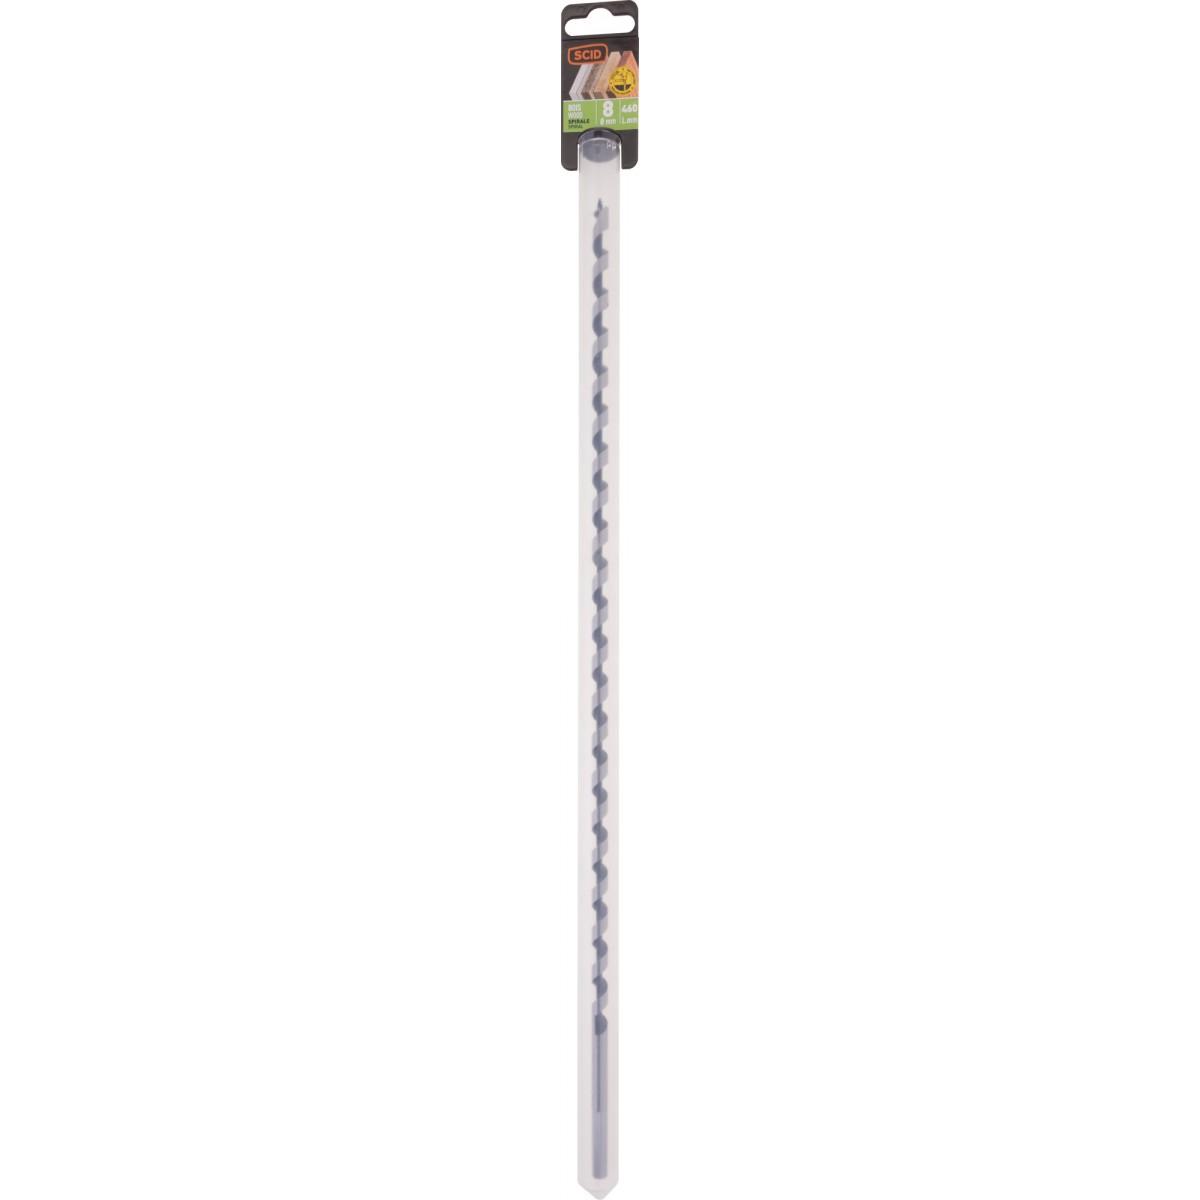 Mèche à bois spirale SCID - Longueur 460 mm - Diamètre 8 mm